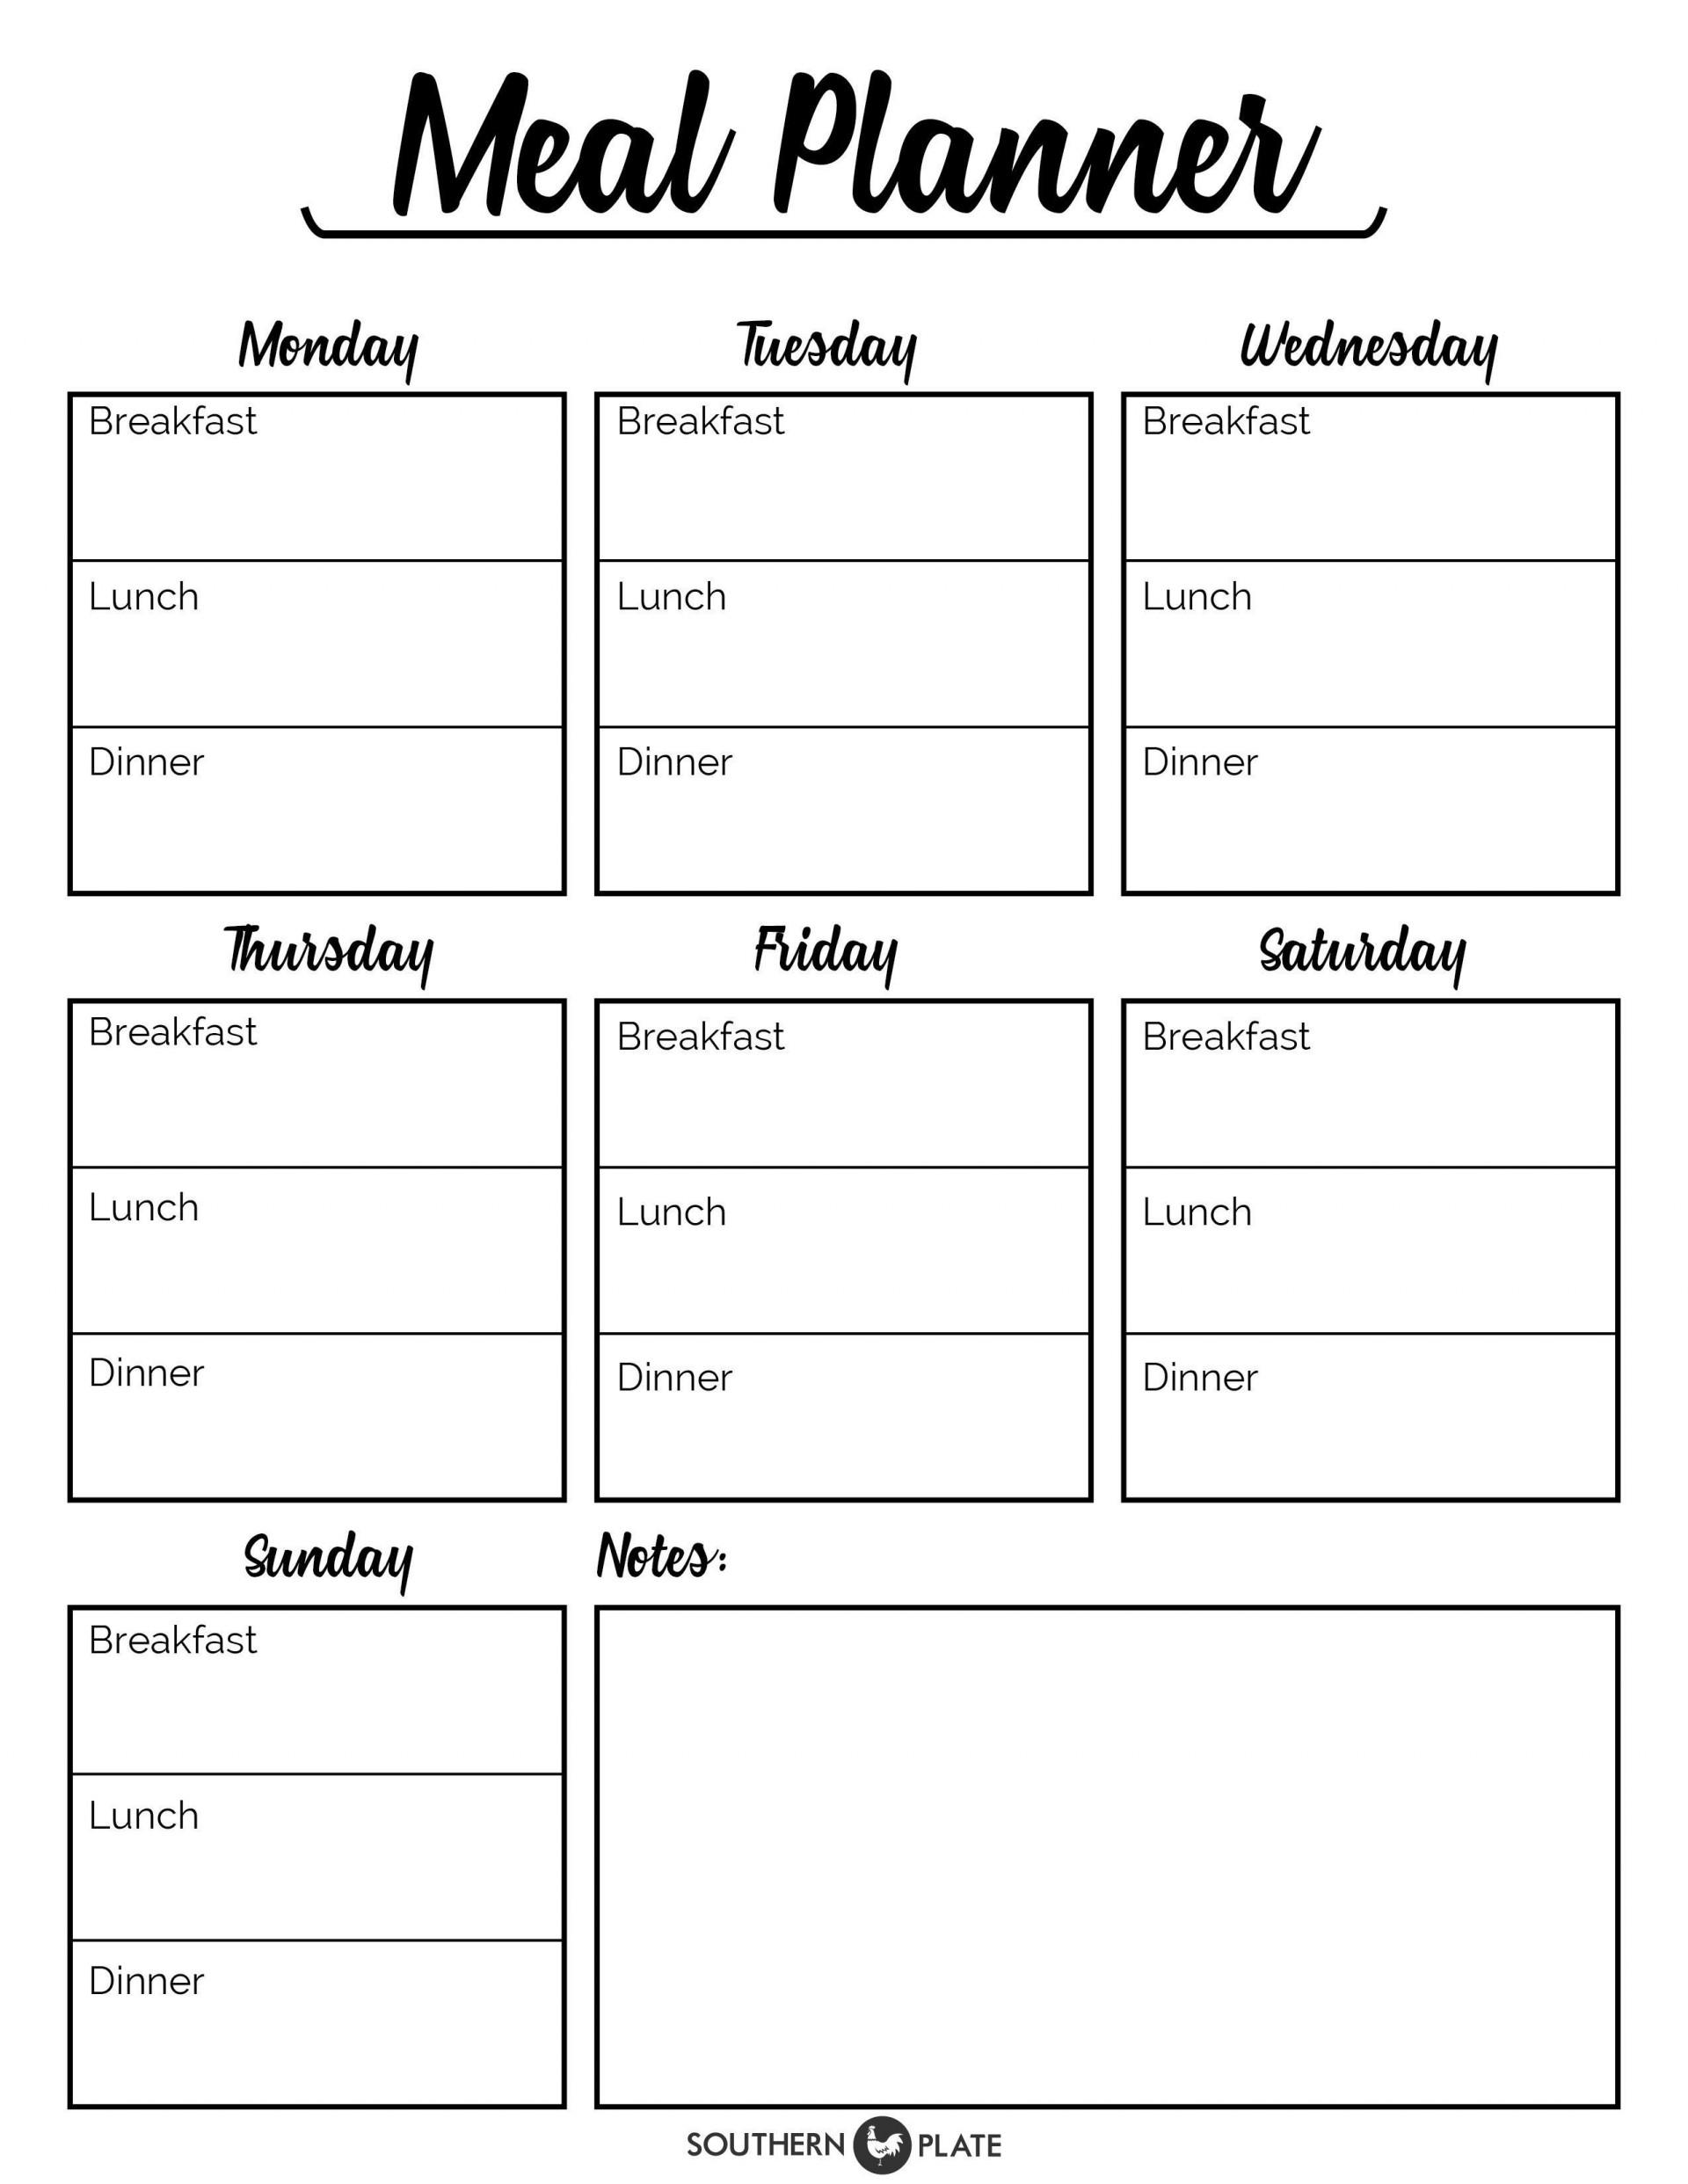 001 Wonderful Weekly Meal Planning Worksheet Pdf Idea  Free1920